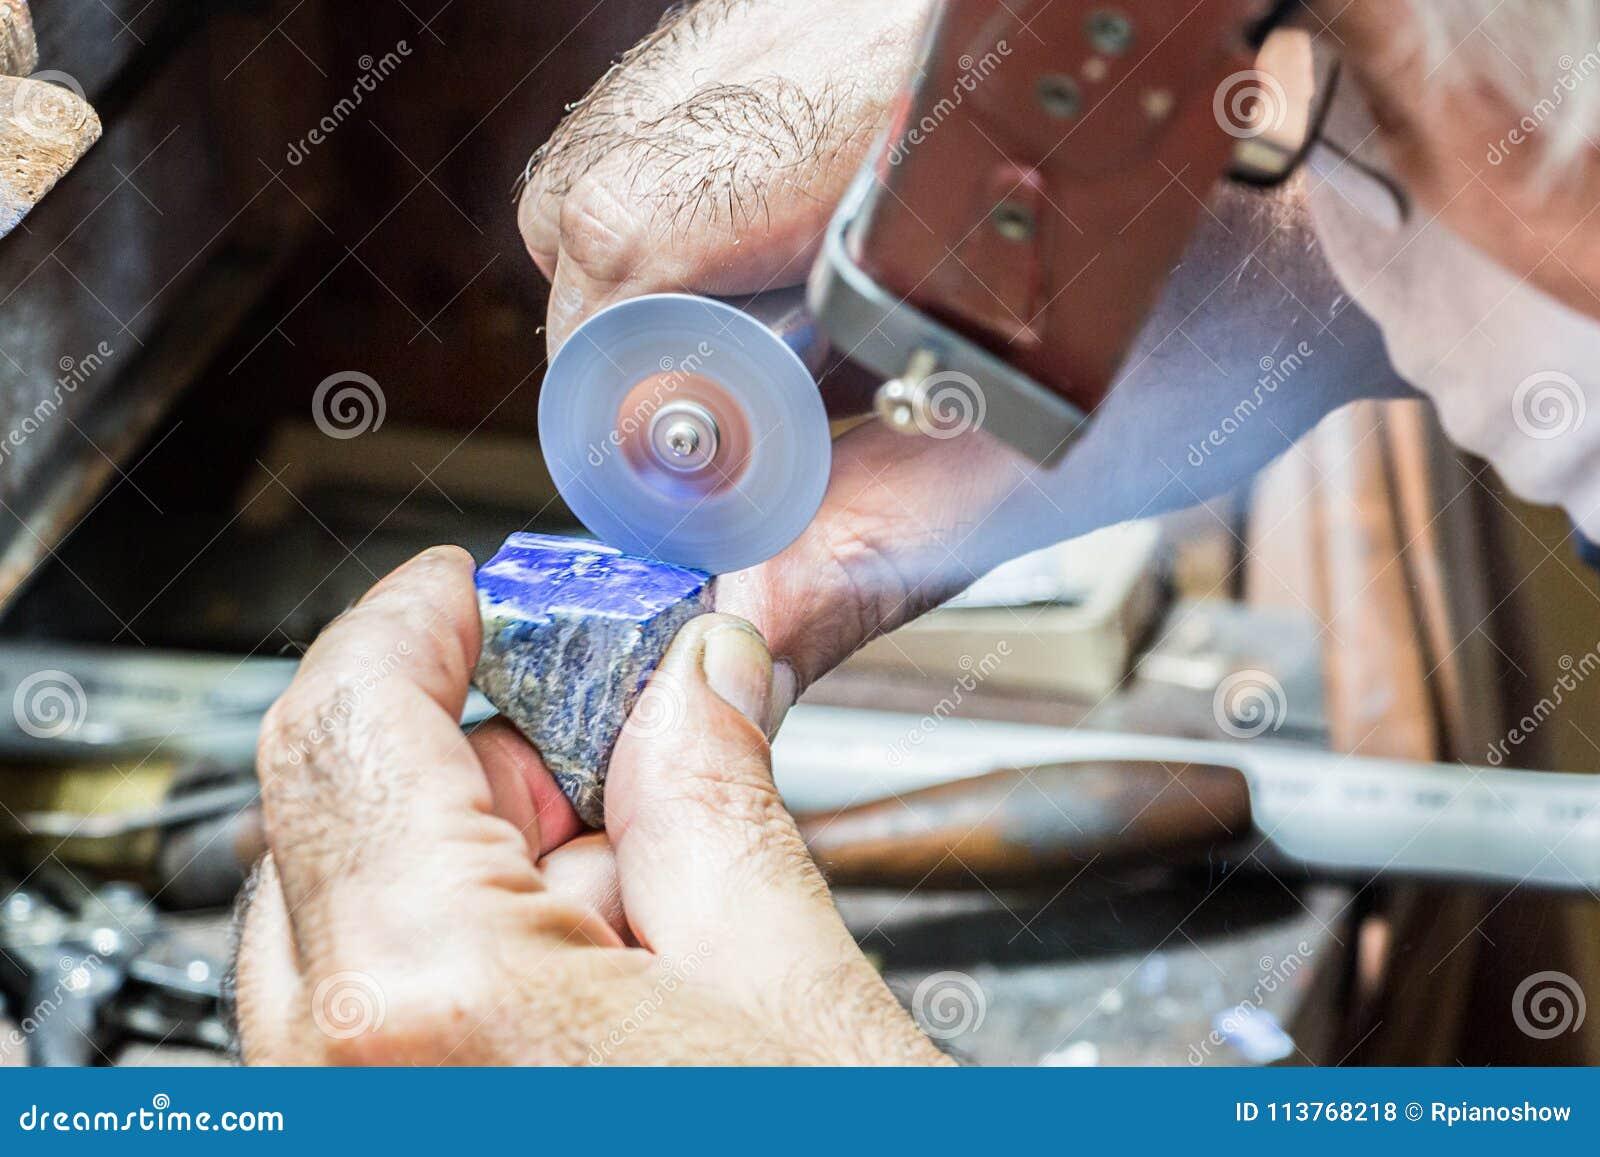 bbf78adf3b40 Diamantes Del Grabado Del Joyero En Un Anillo Foto de archivo ...